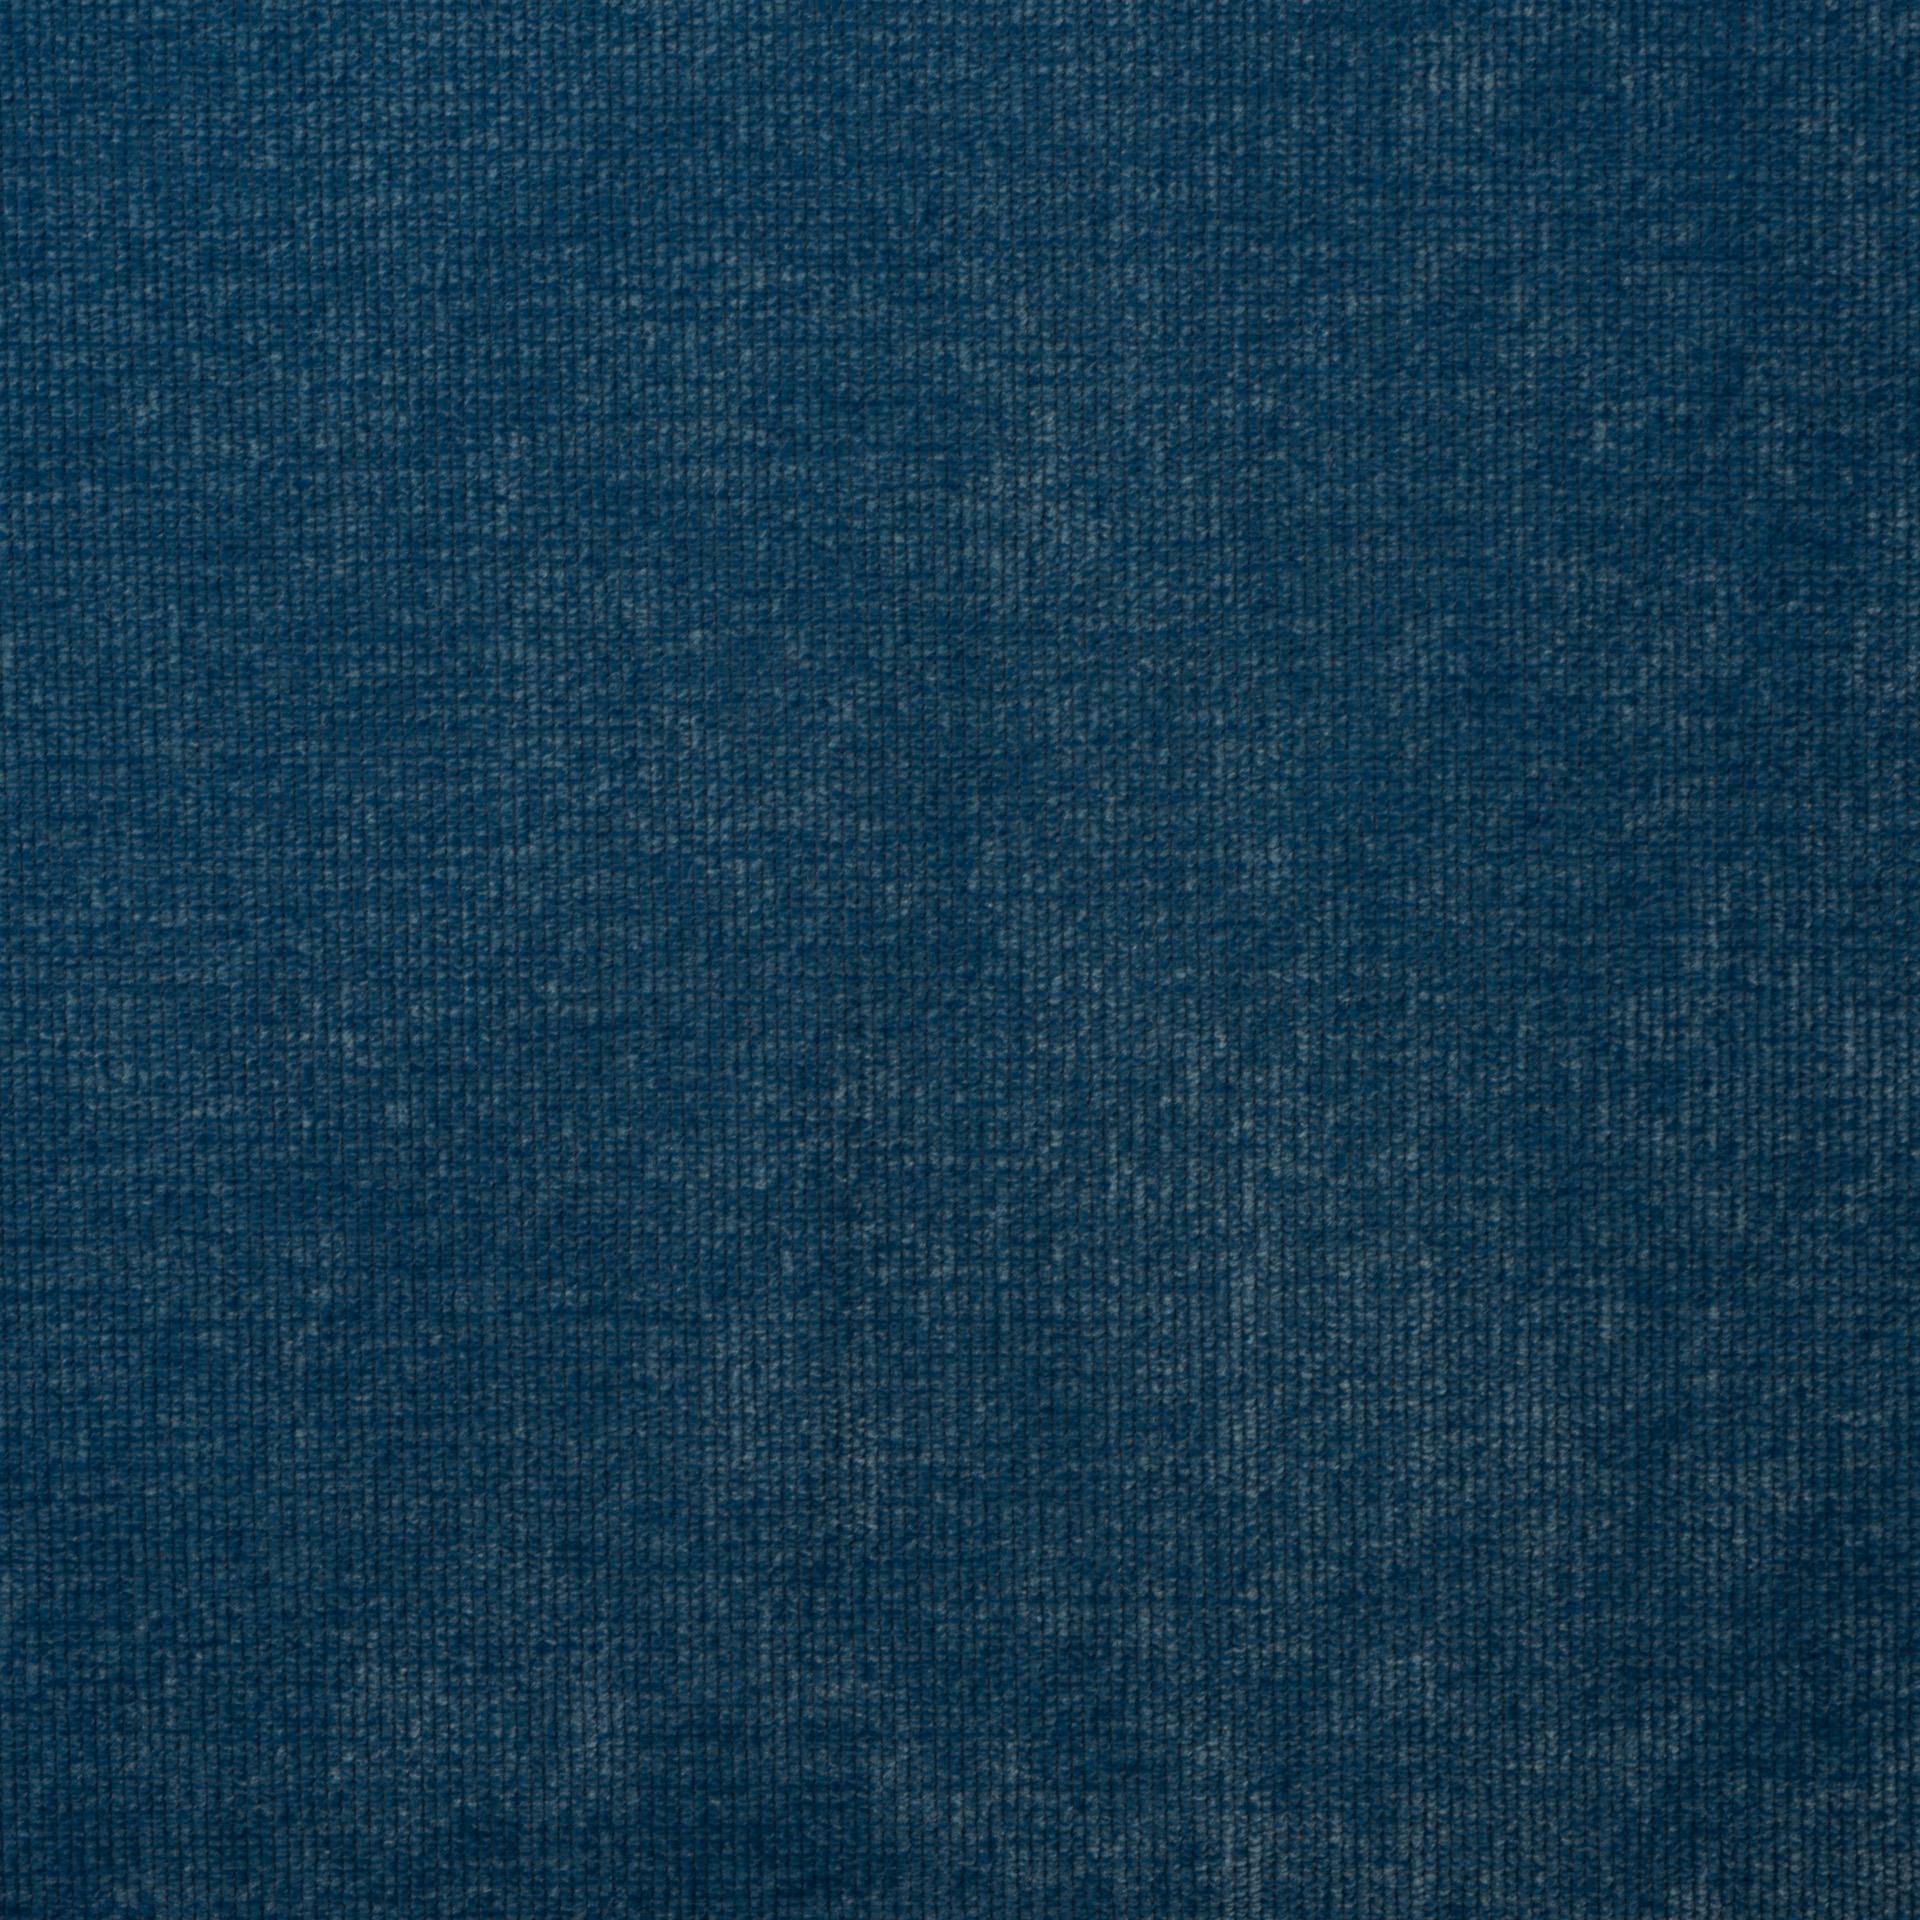 Коллекция ткани Кордрой 220,  купить ткань Велюр для мебели Украина